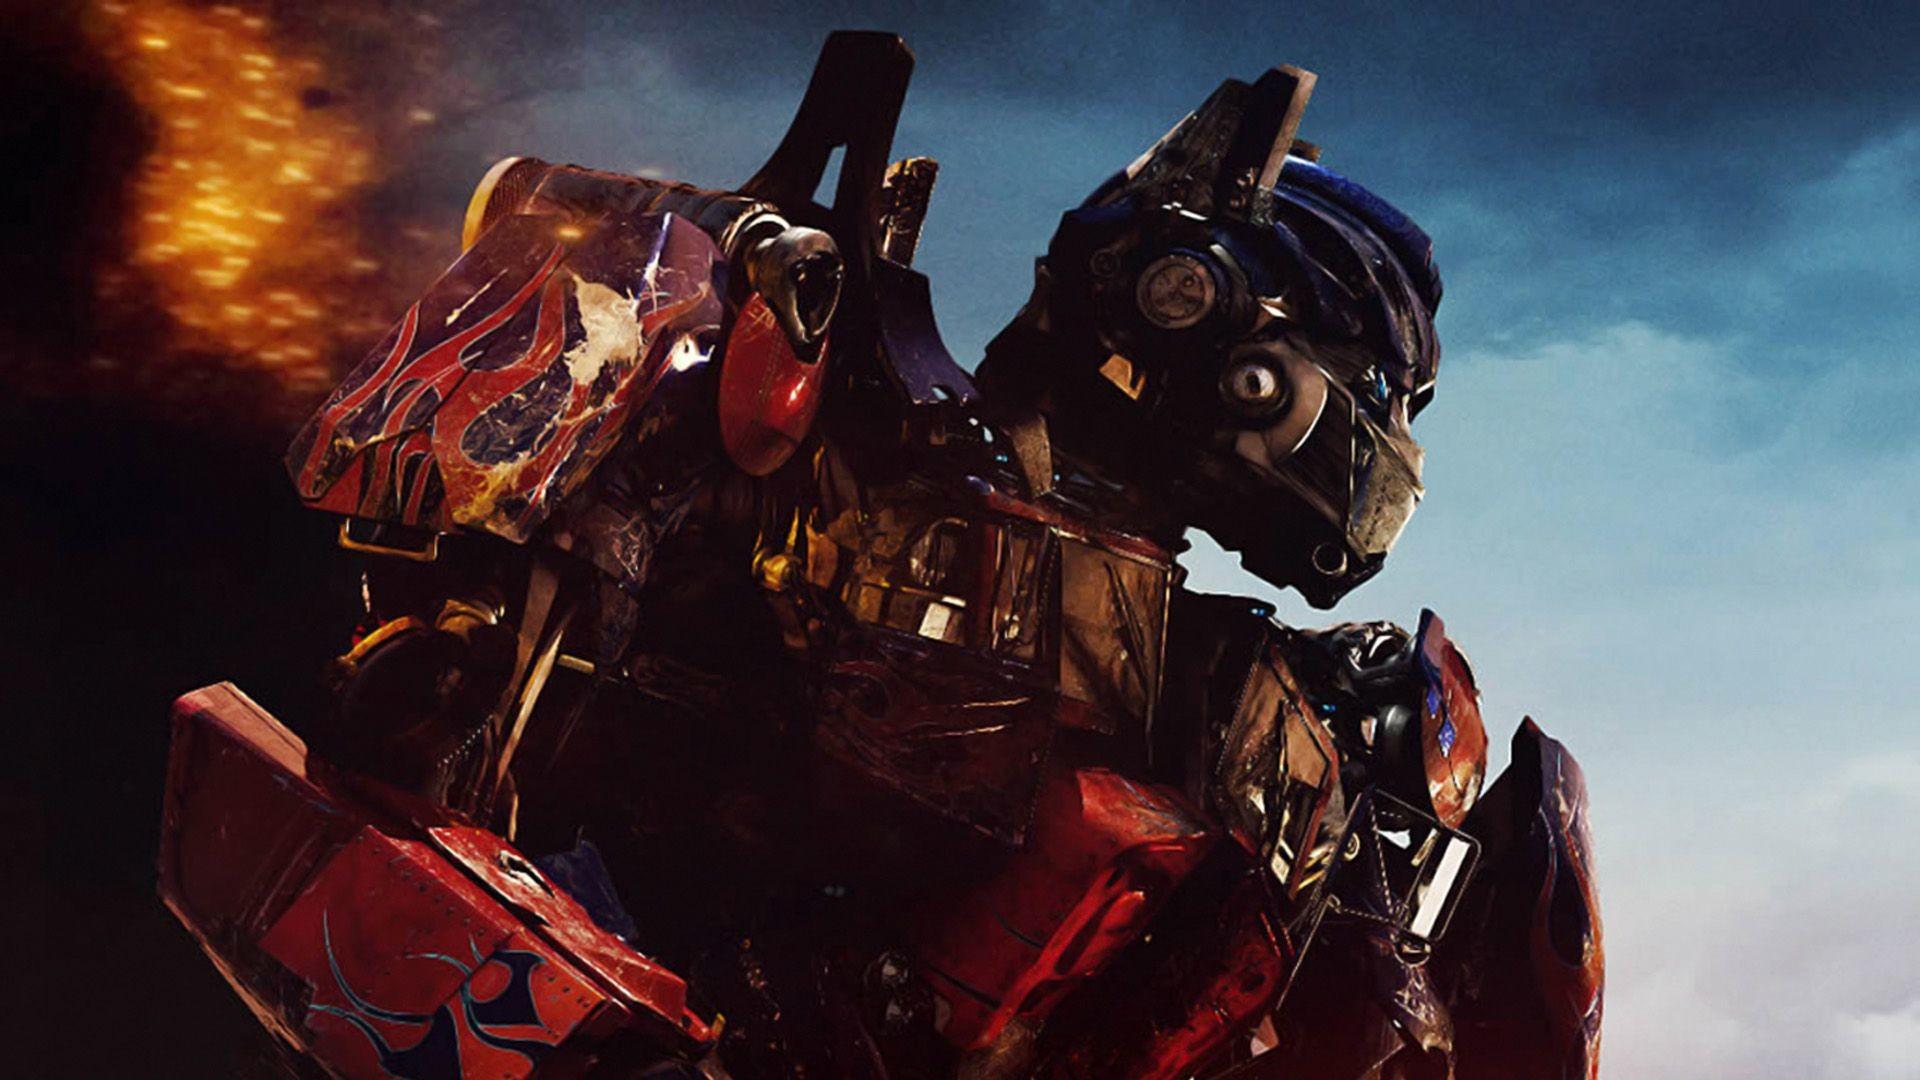 Download Optimus Prime Wallpaper Full HD #7j052 » hdxwallpaperz.com